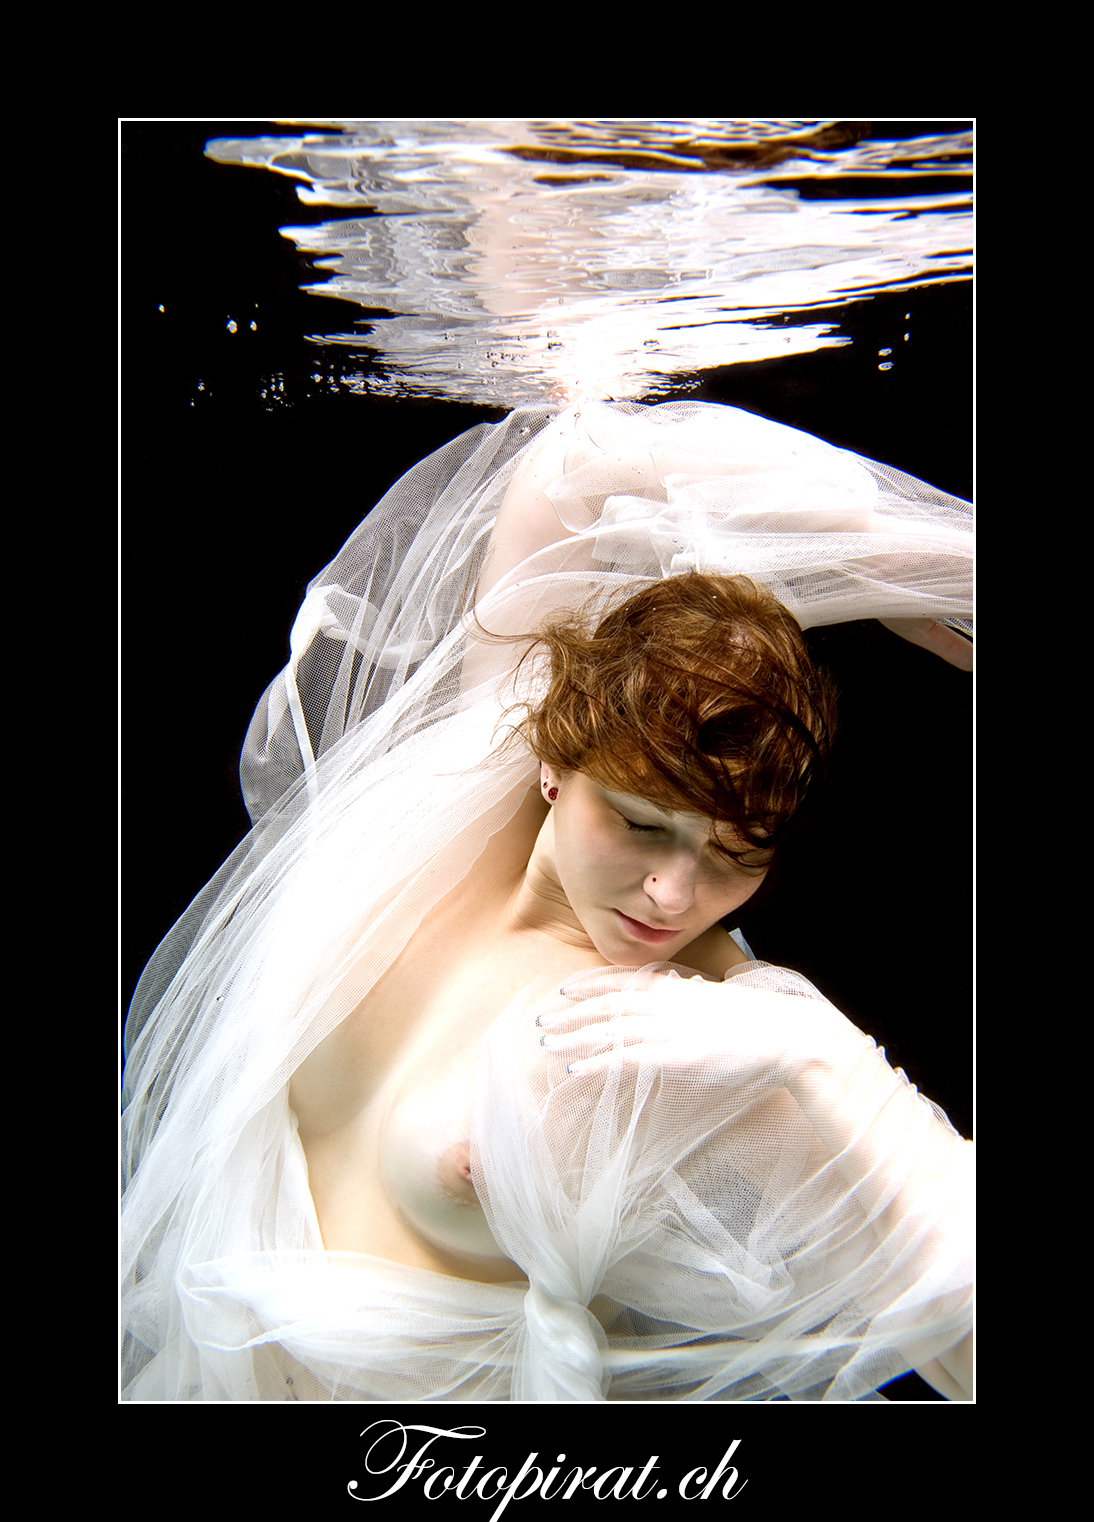 Unterwasser Fotoshooting, Underwater Photoshooting, Modelagentur, model werden, Fotoshooting Zürich, Nude Art, Nude, Akt, Teilakt